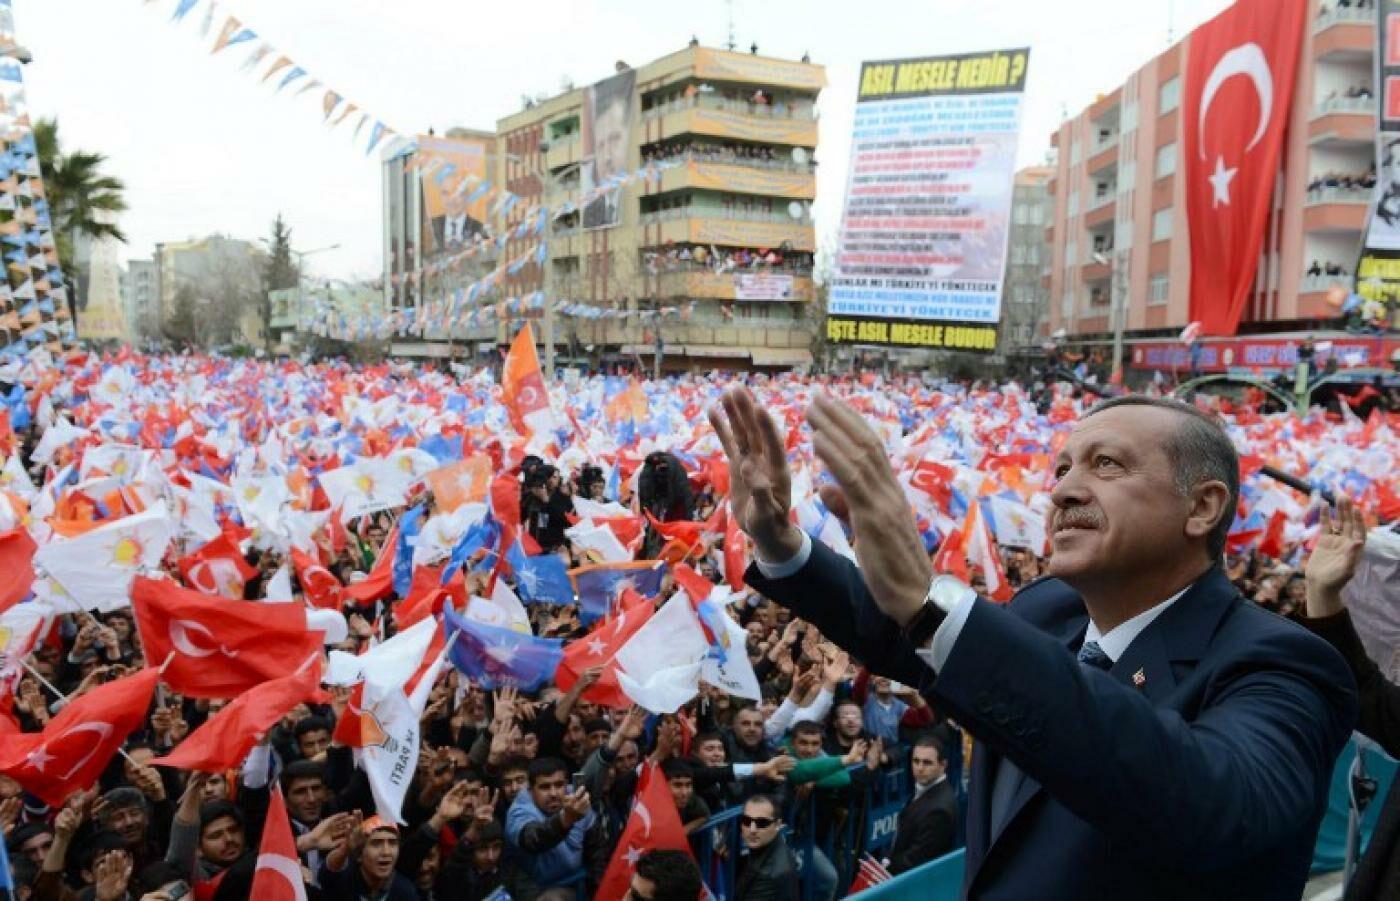 erdogan20crowds-7551410